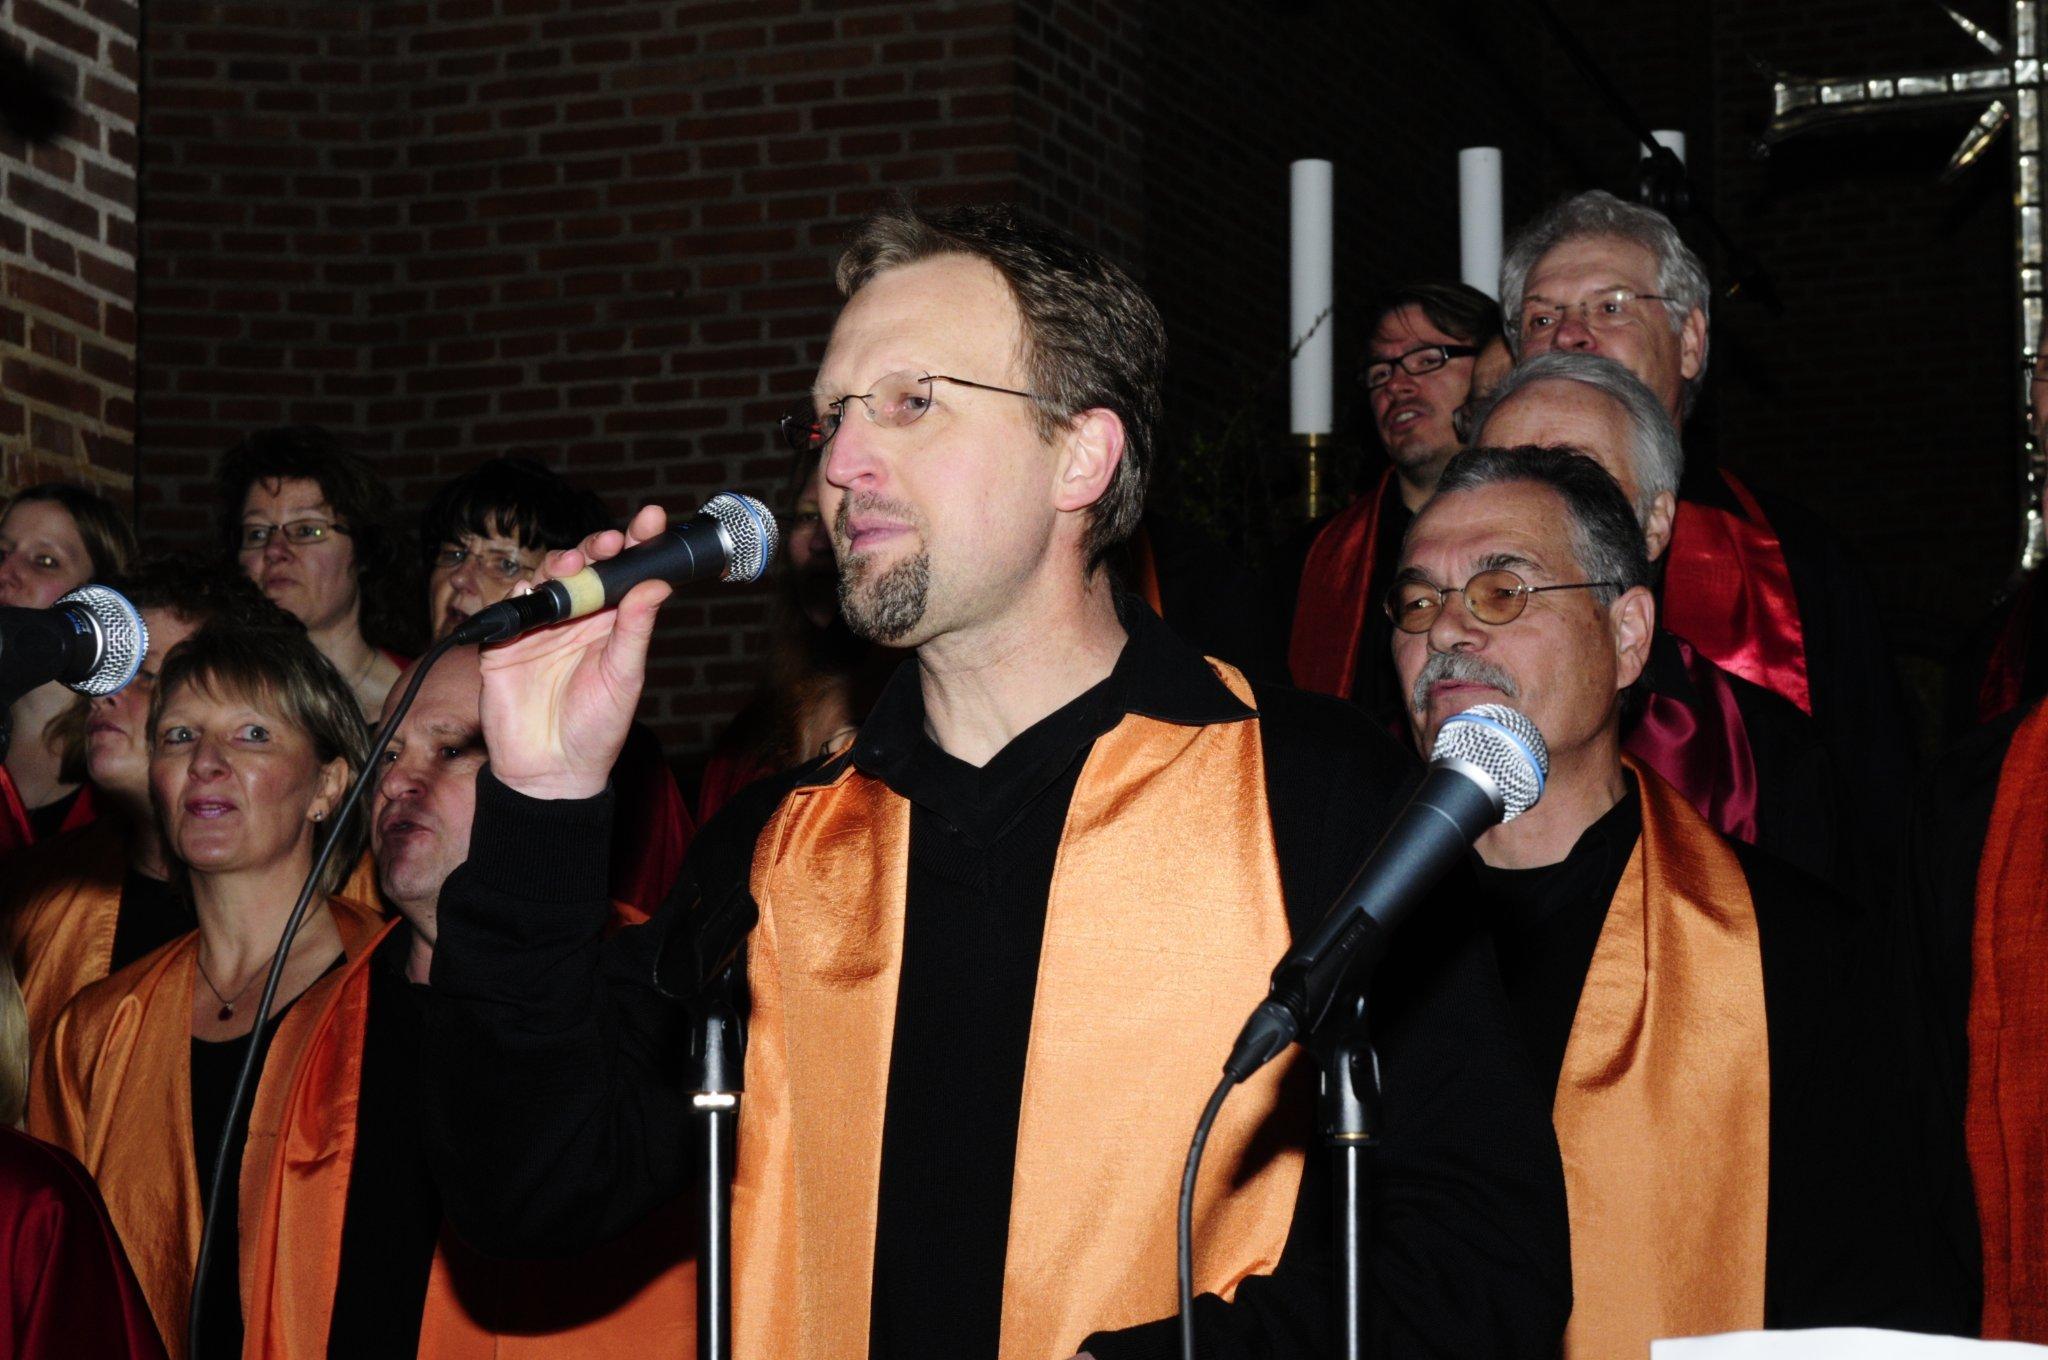 20120422 Reformations Gedaechtniskirche 28